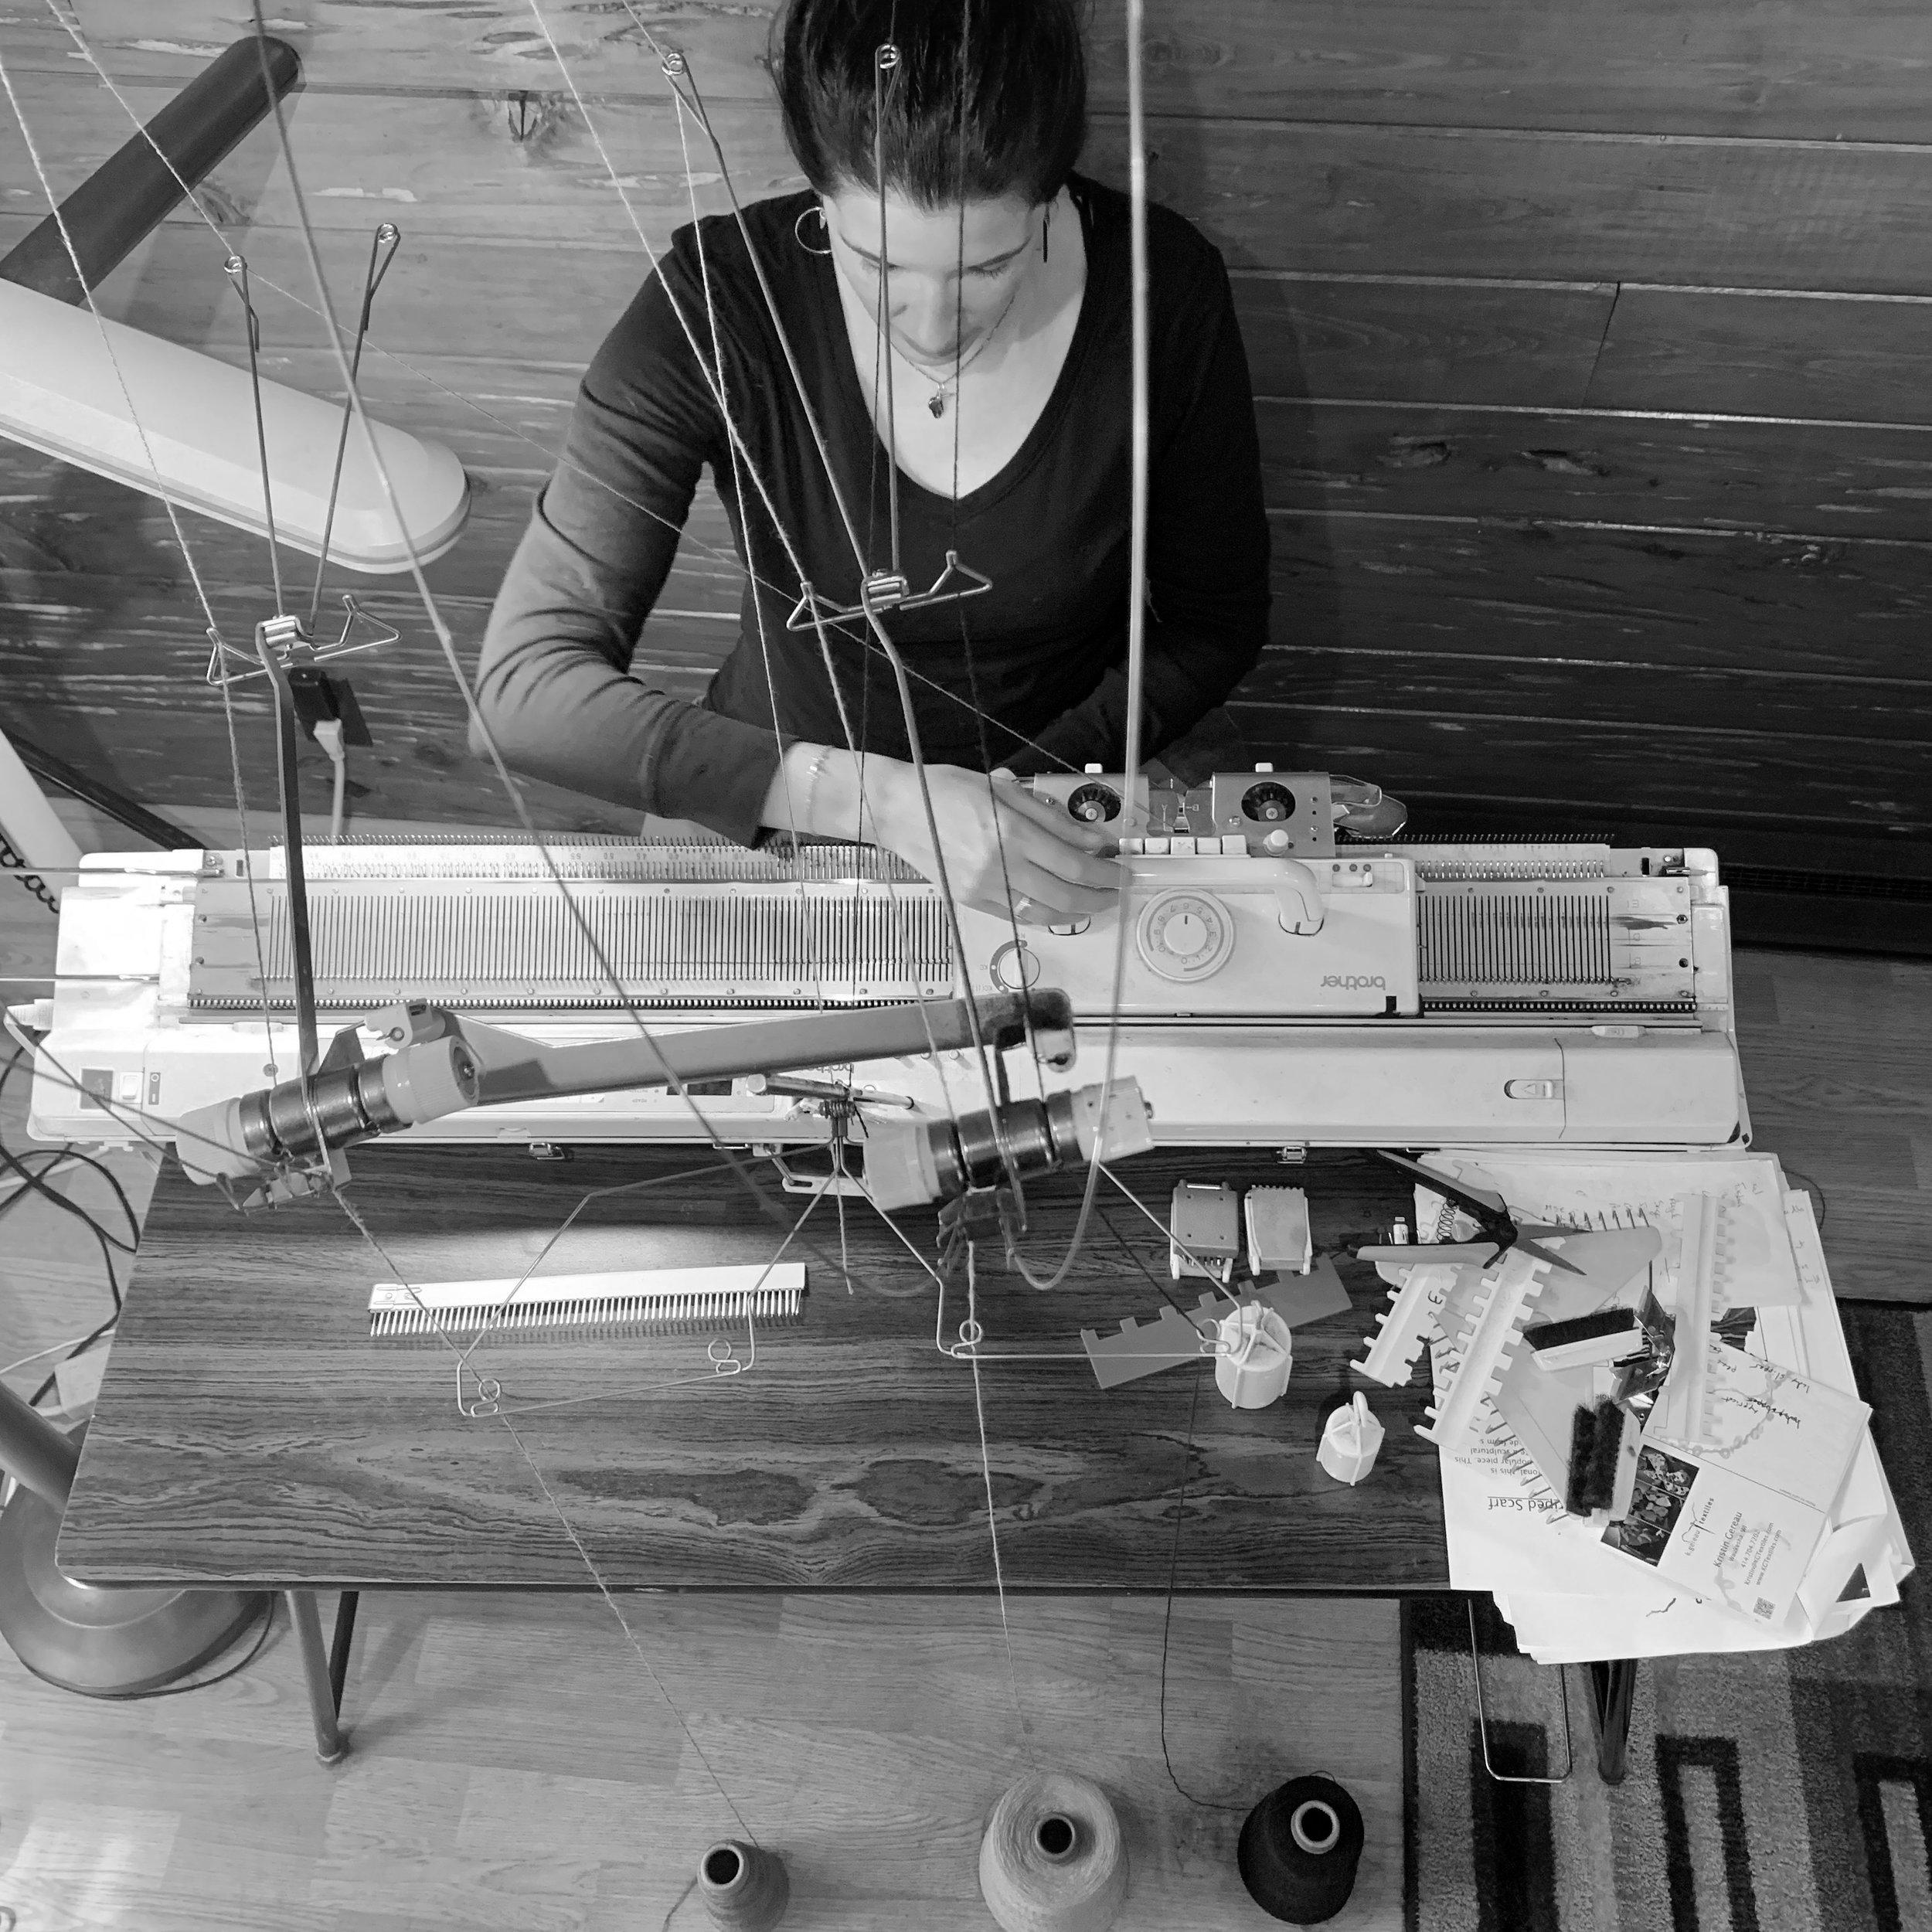 MeKnitting.jpg